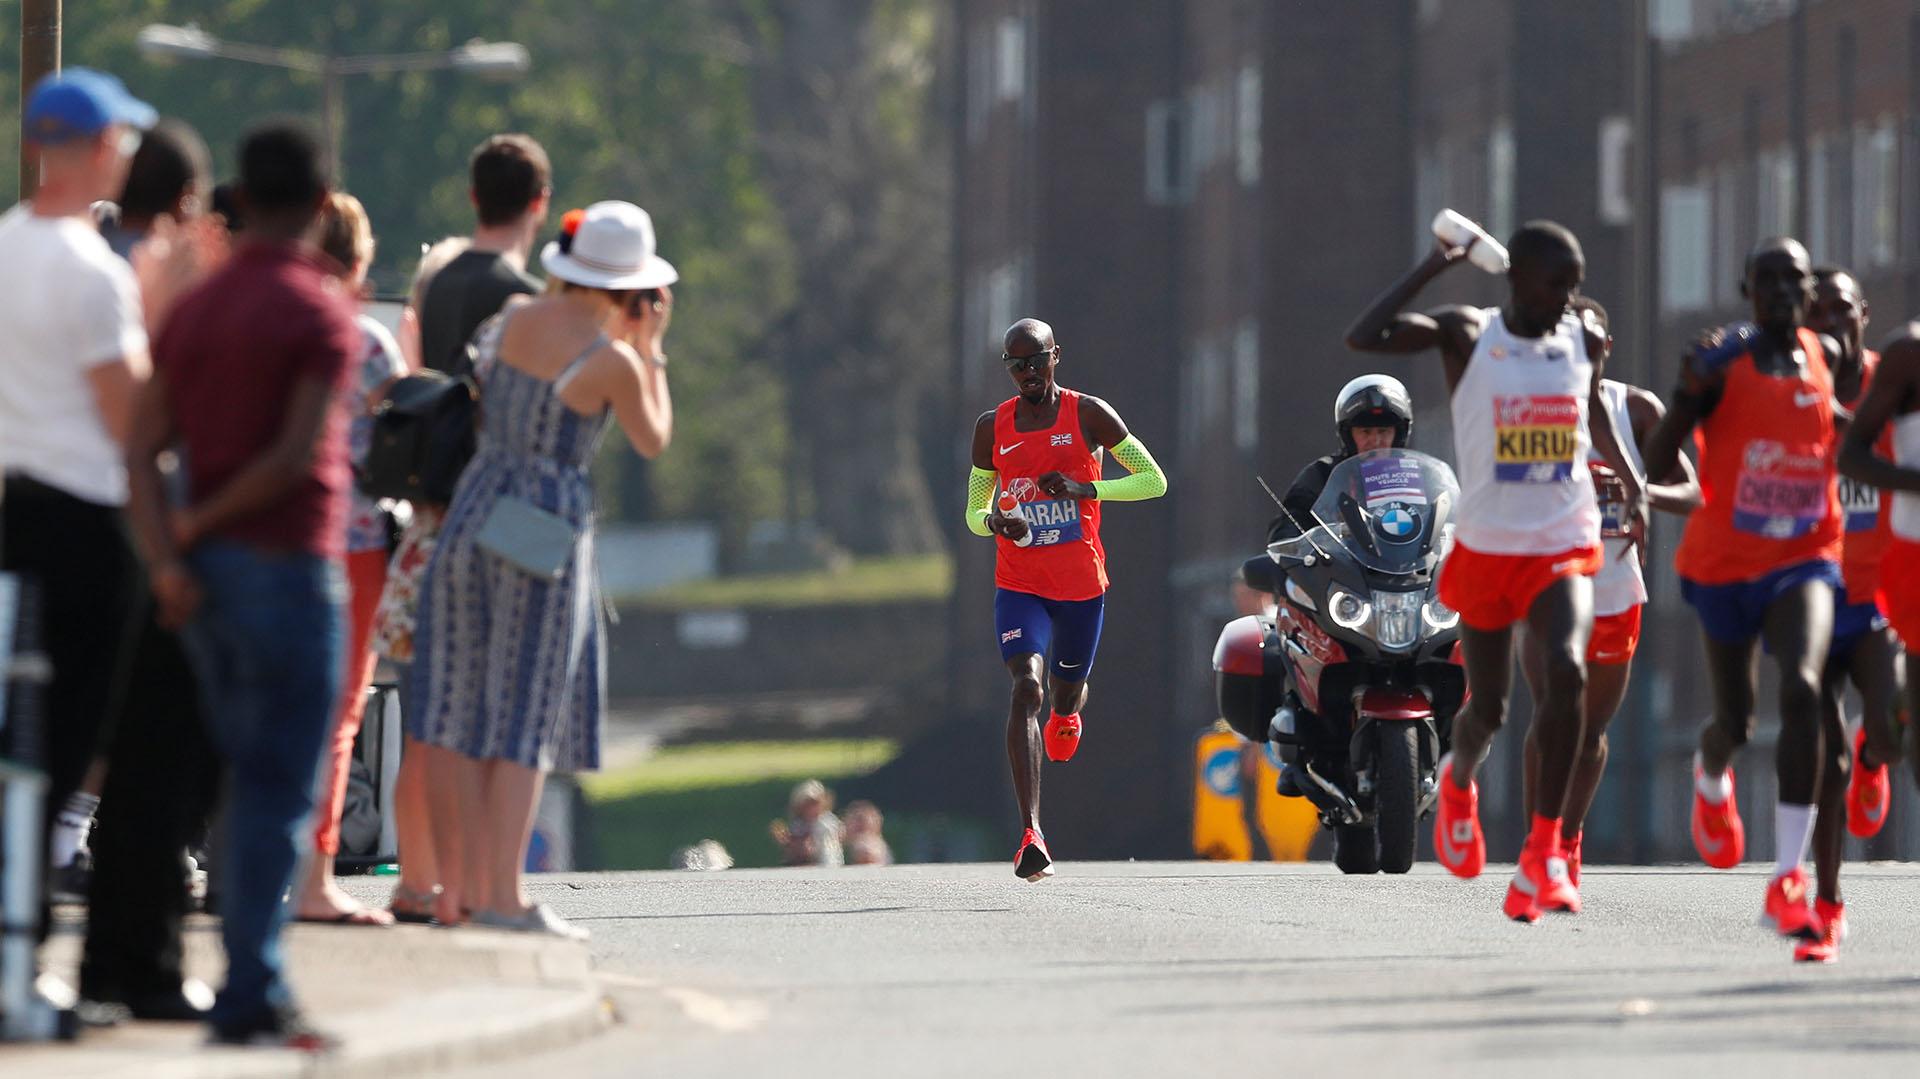 El keniano Eliud Kipchoge, campeón olímpico, recuperó este domingo su corona en el Maratón de Londres